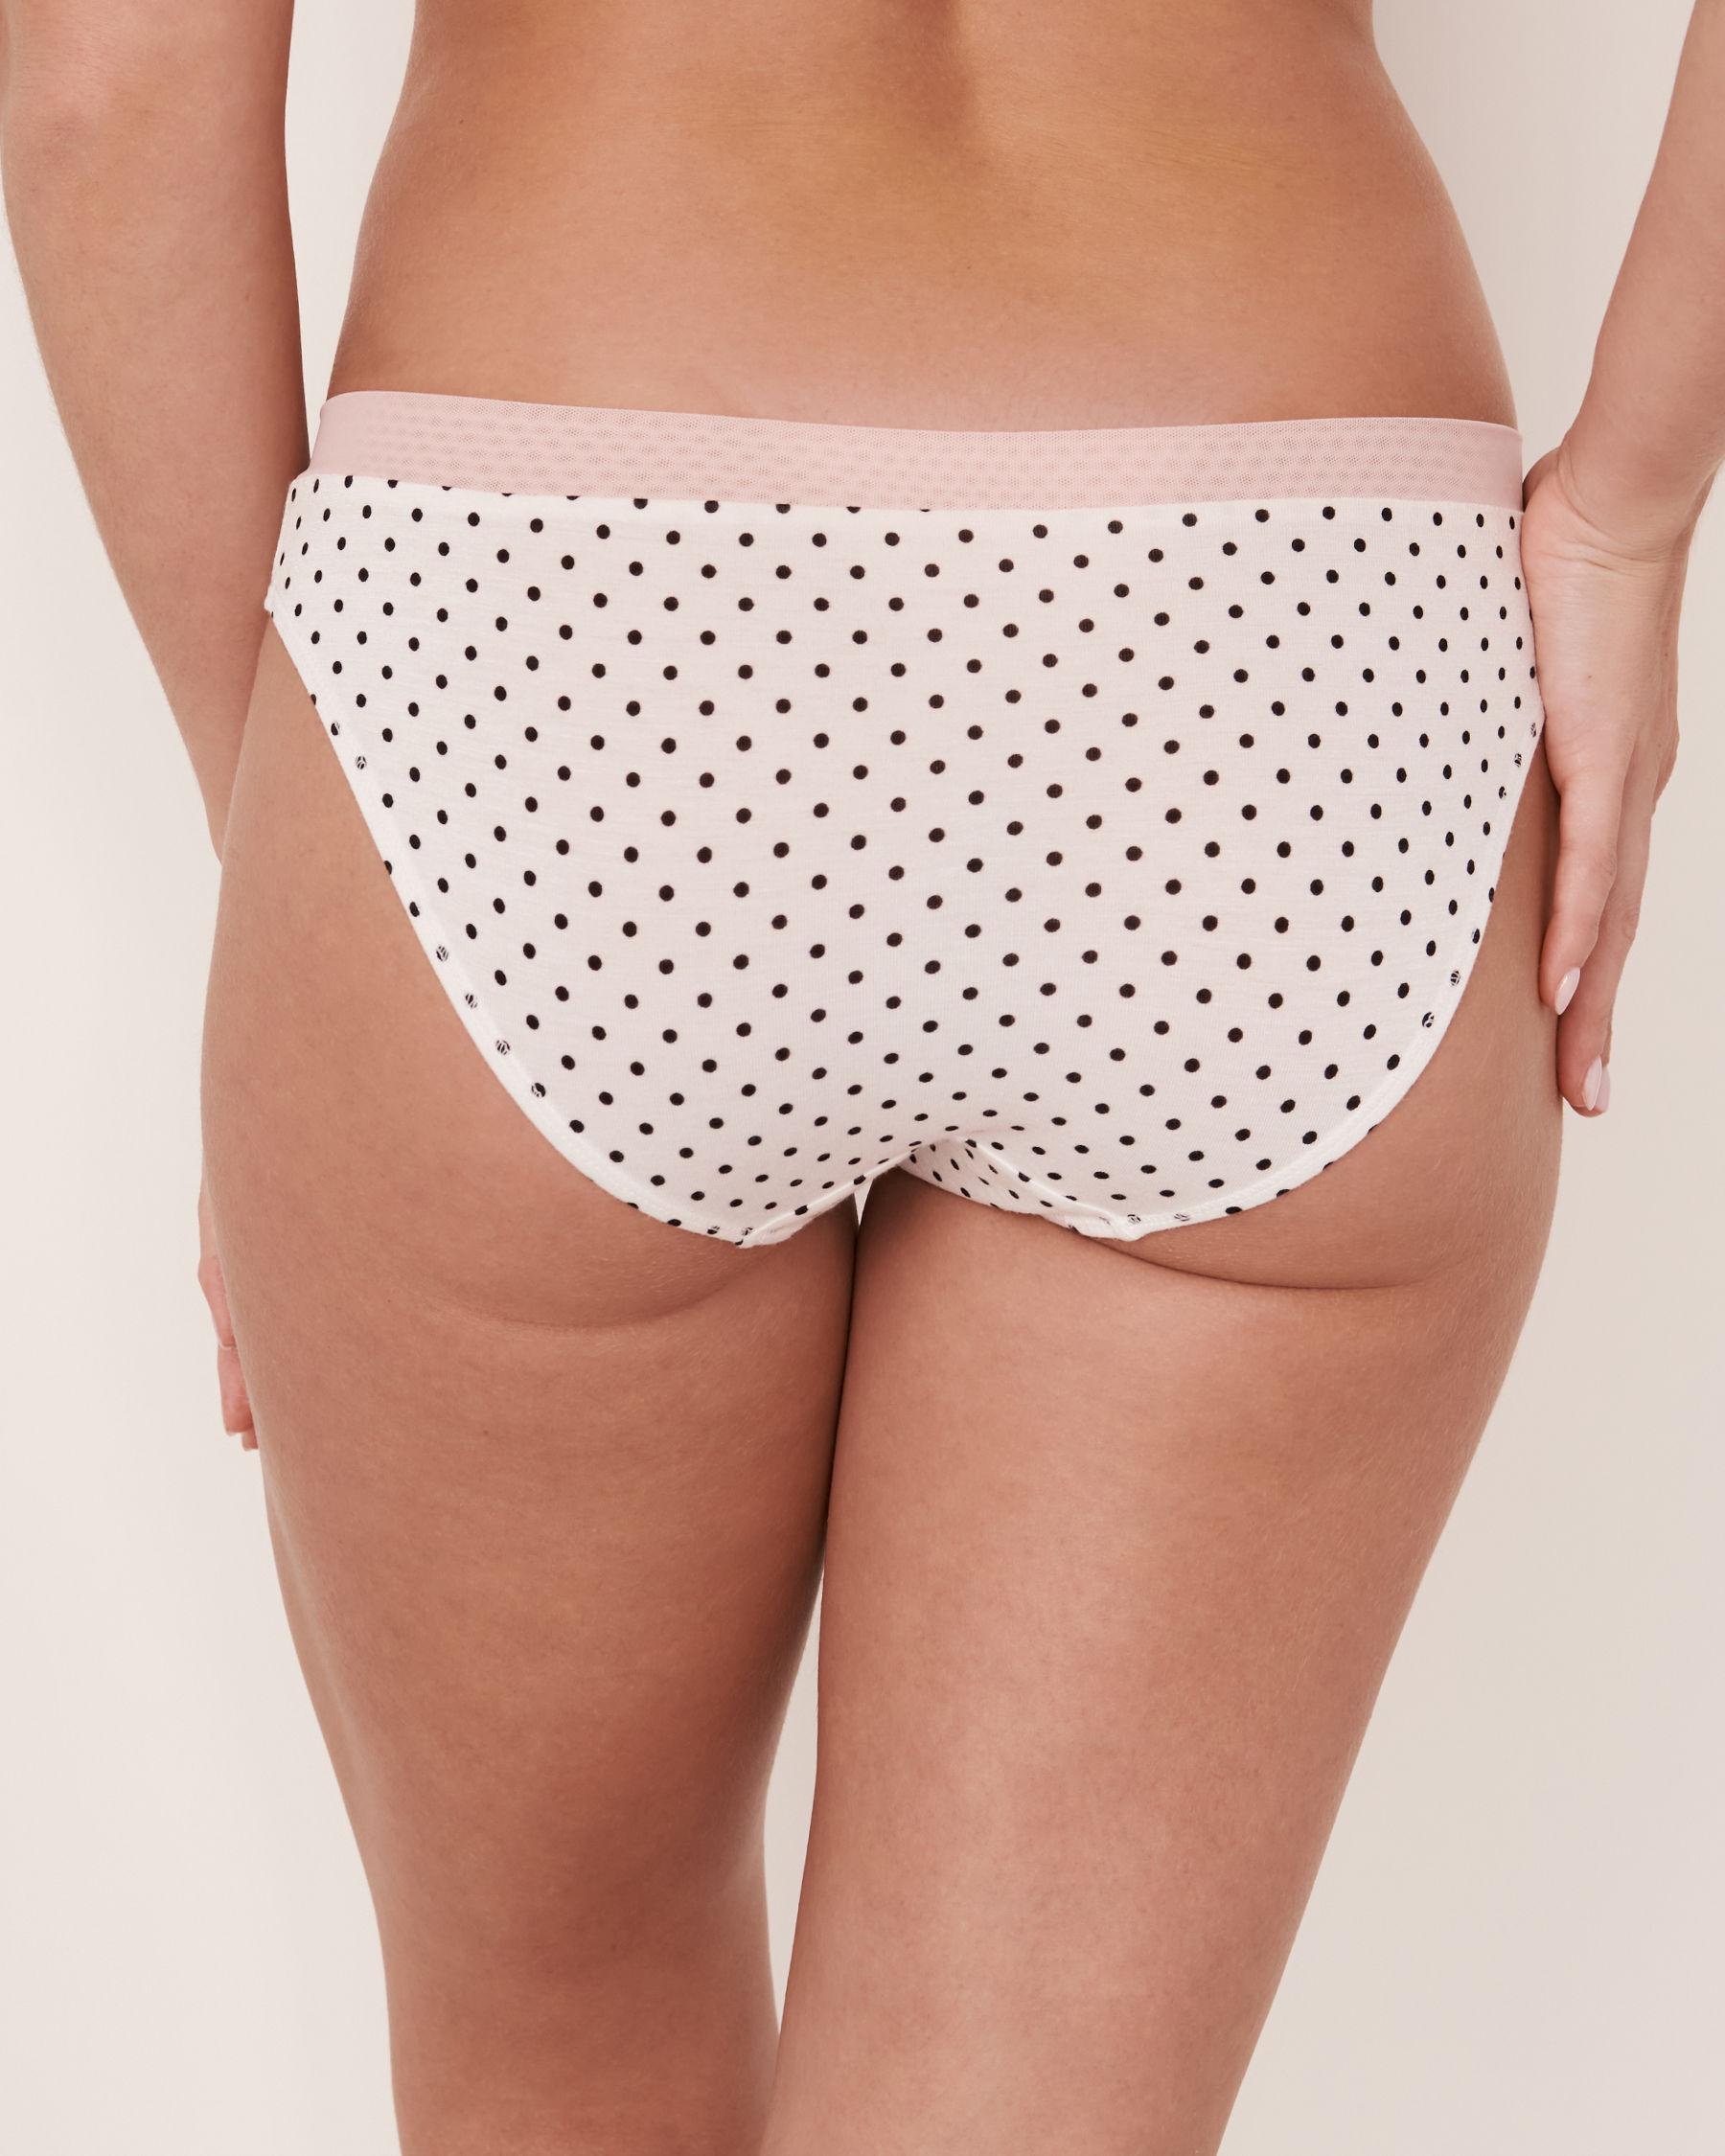 LA VIE EN ROSE Bikini Panty Black dot 20100050 - View2